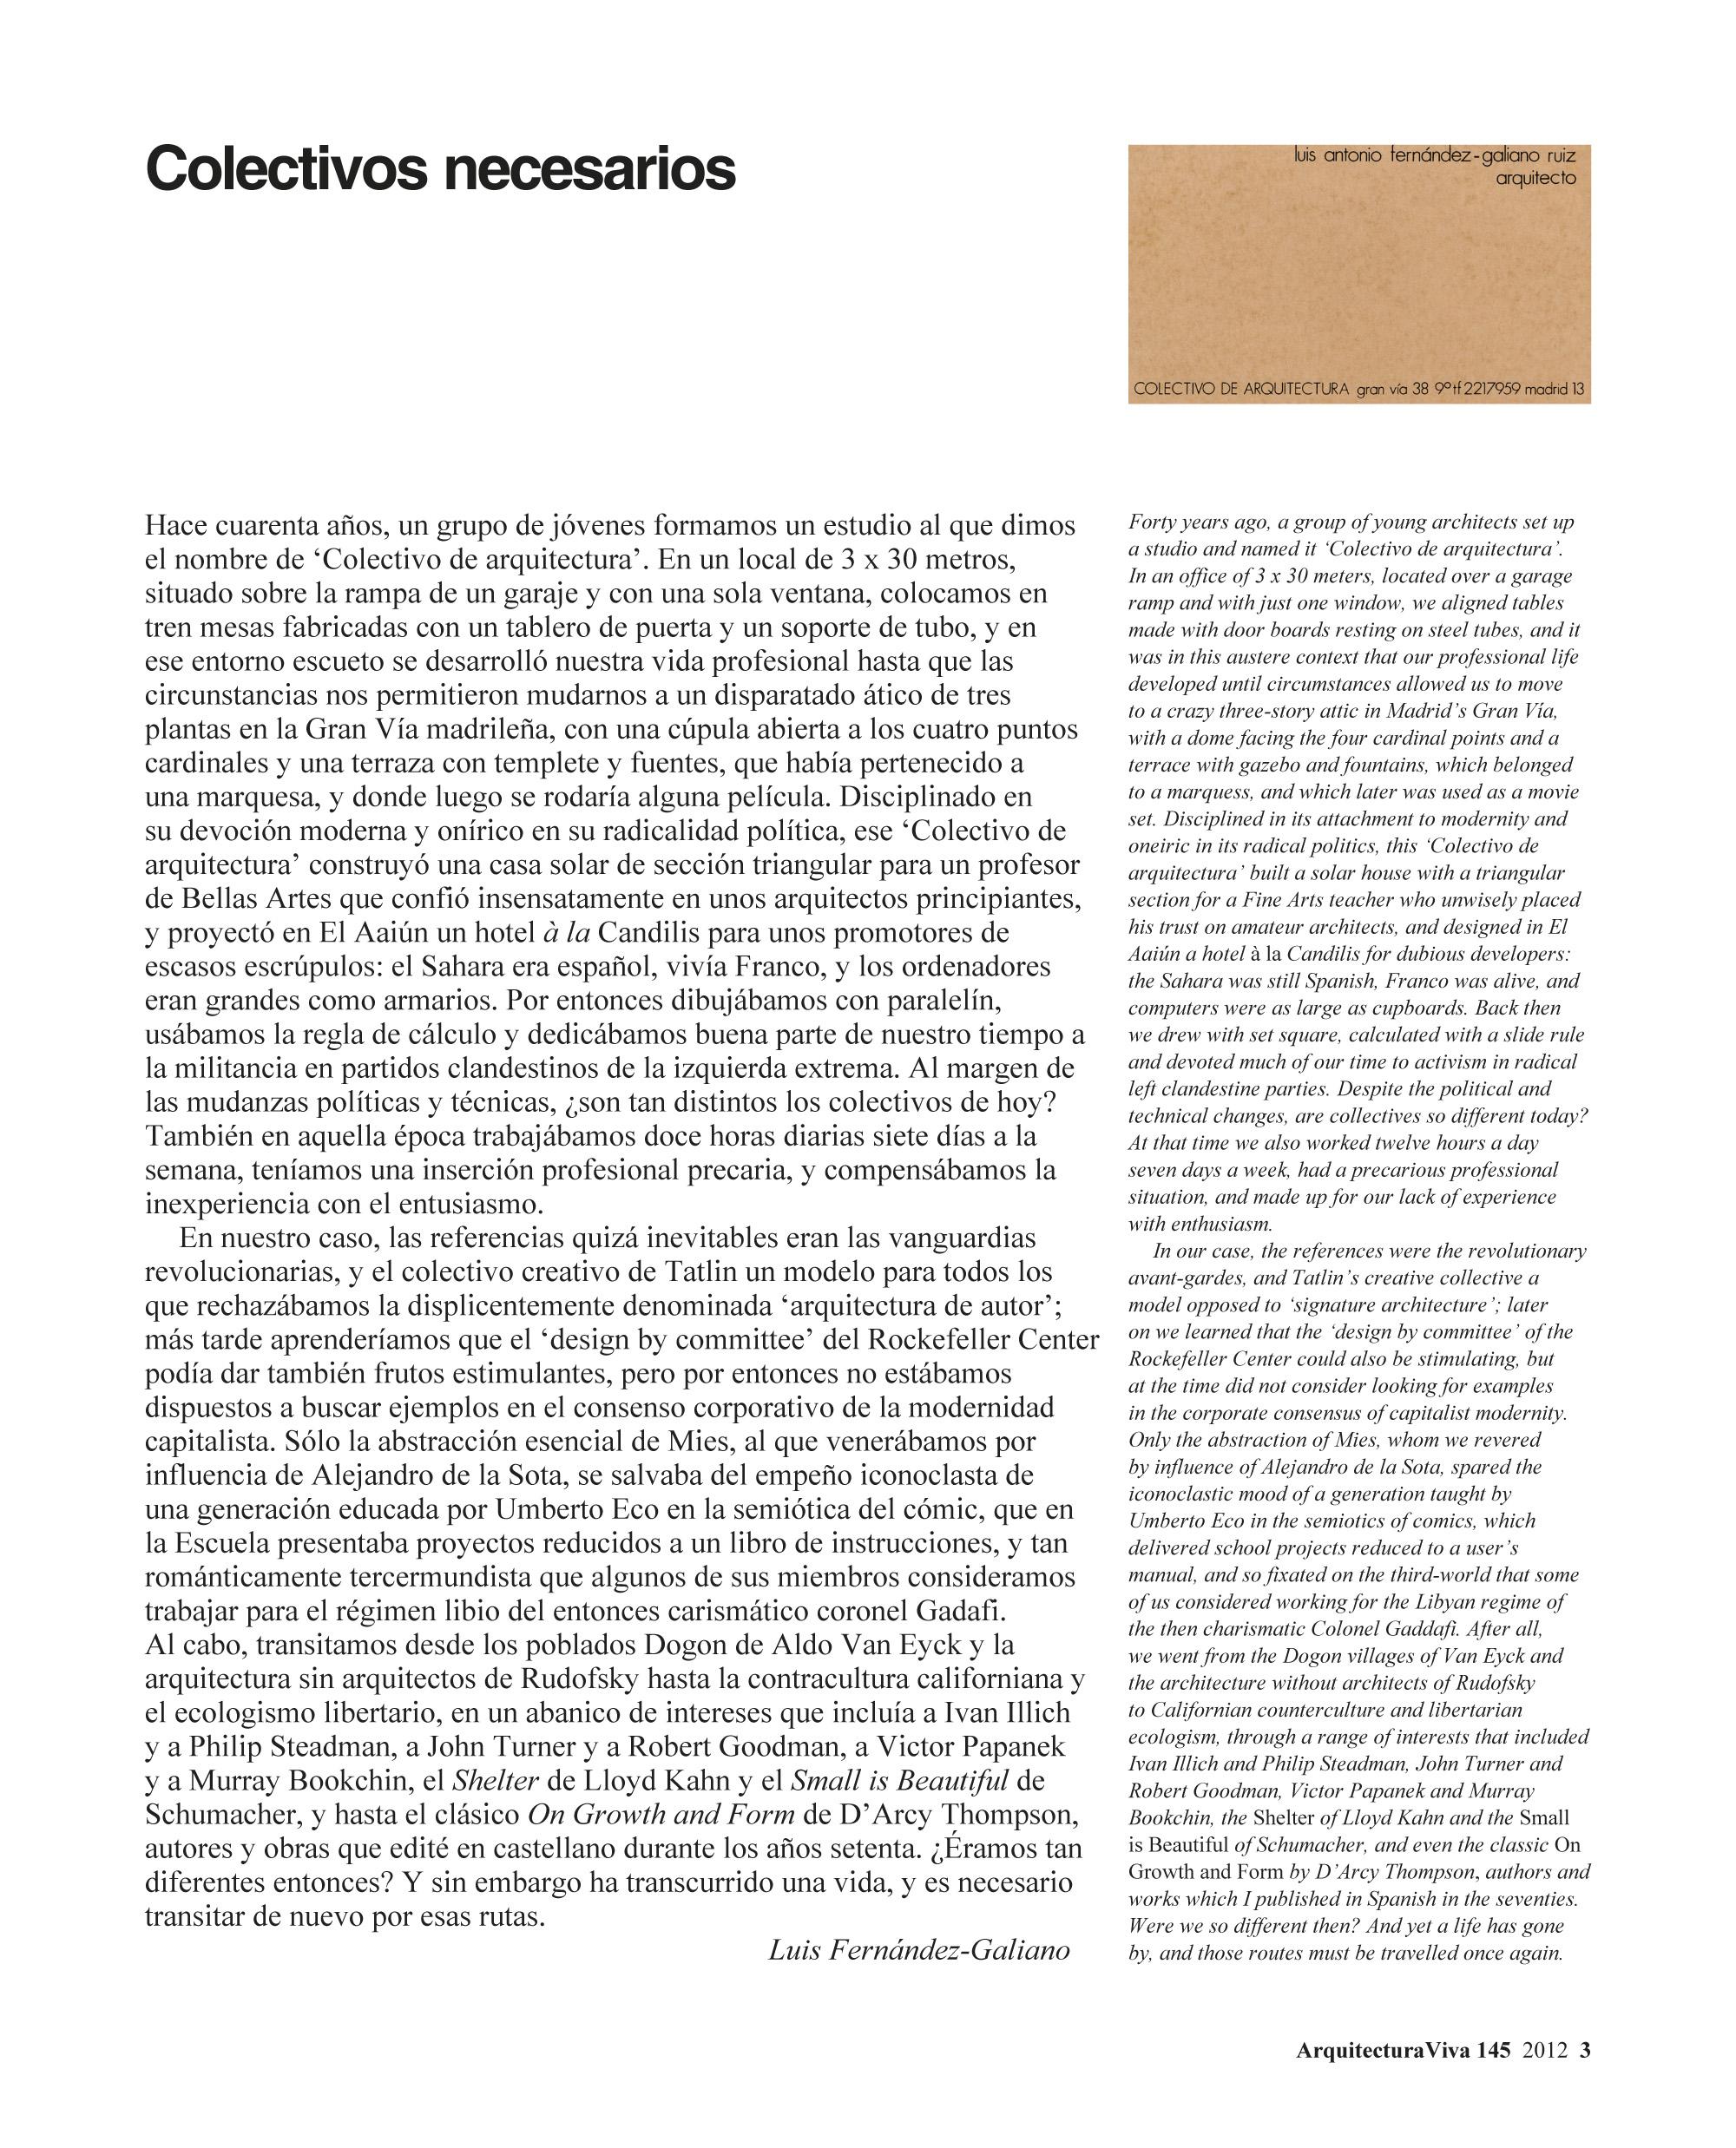 Colectivos Españoles